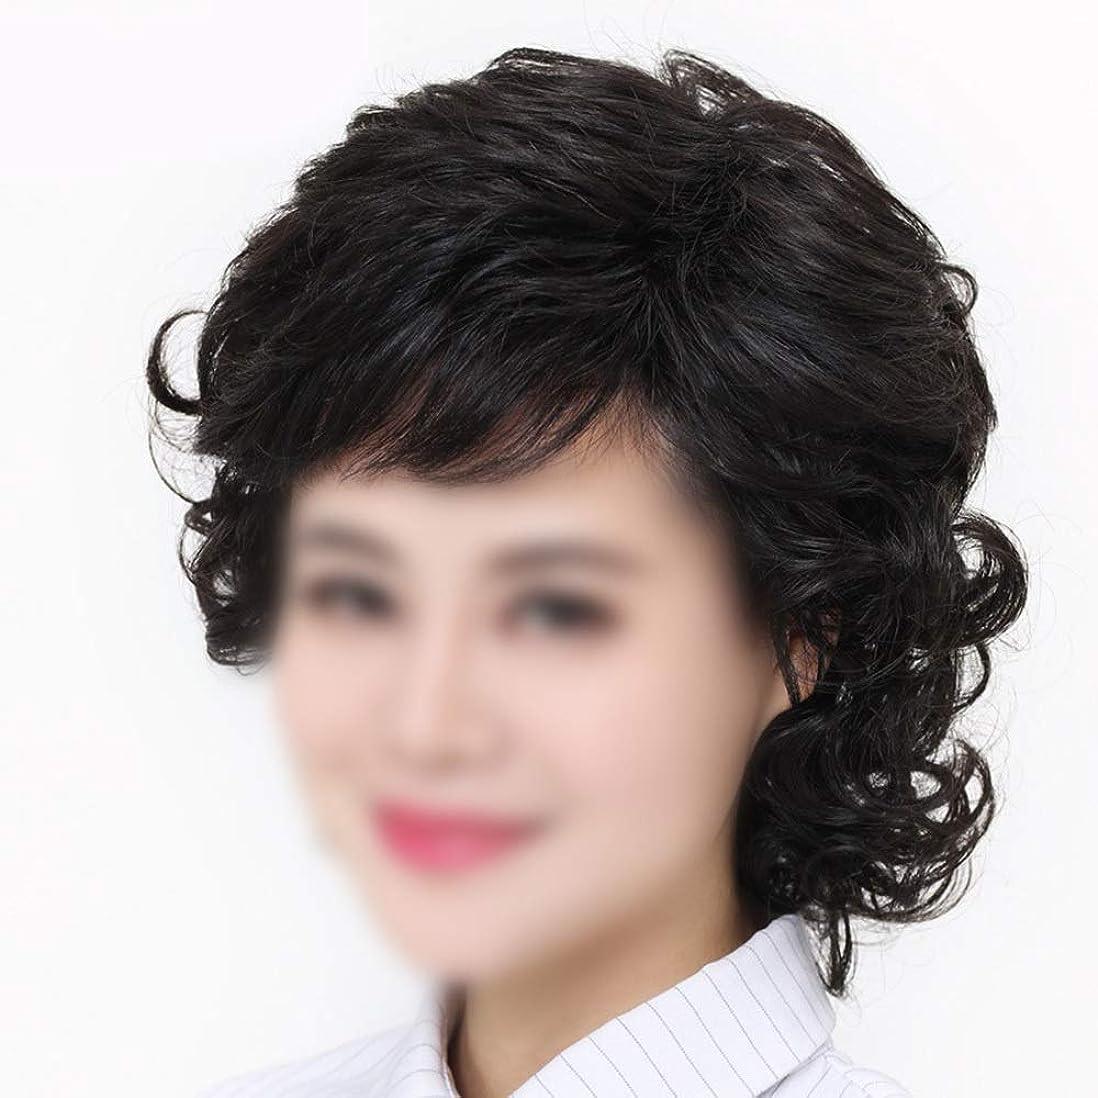 現金レンジ郵便番号Yrattary 女性のための手織りの短い髪のリアルヘアダークブラウンのかつら母の髪のかつら (Color : Dark brown, サイズ : Mechanism)